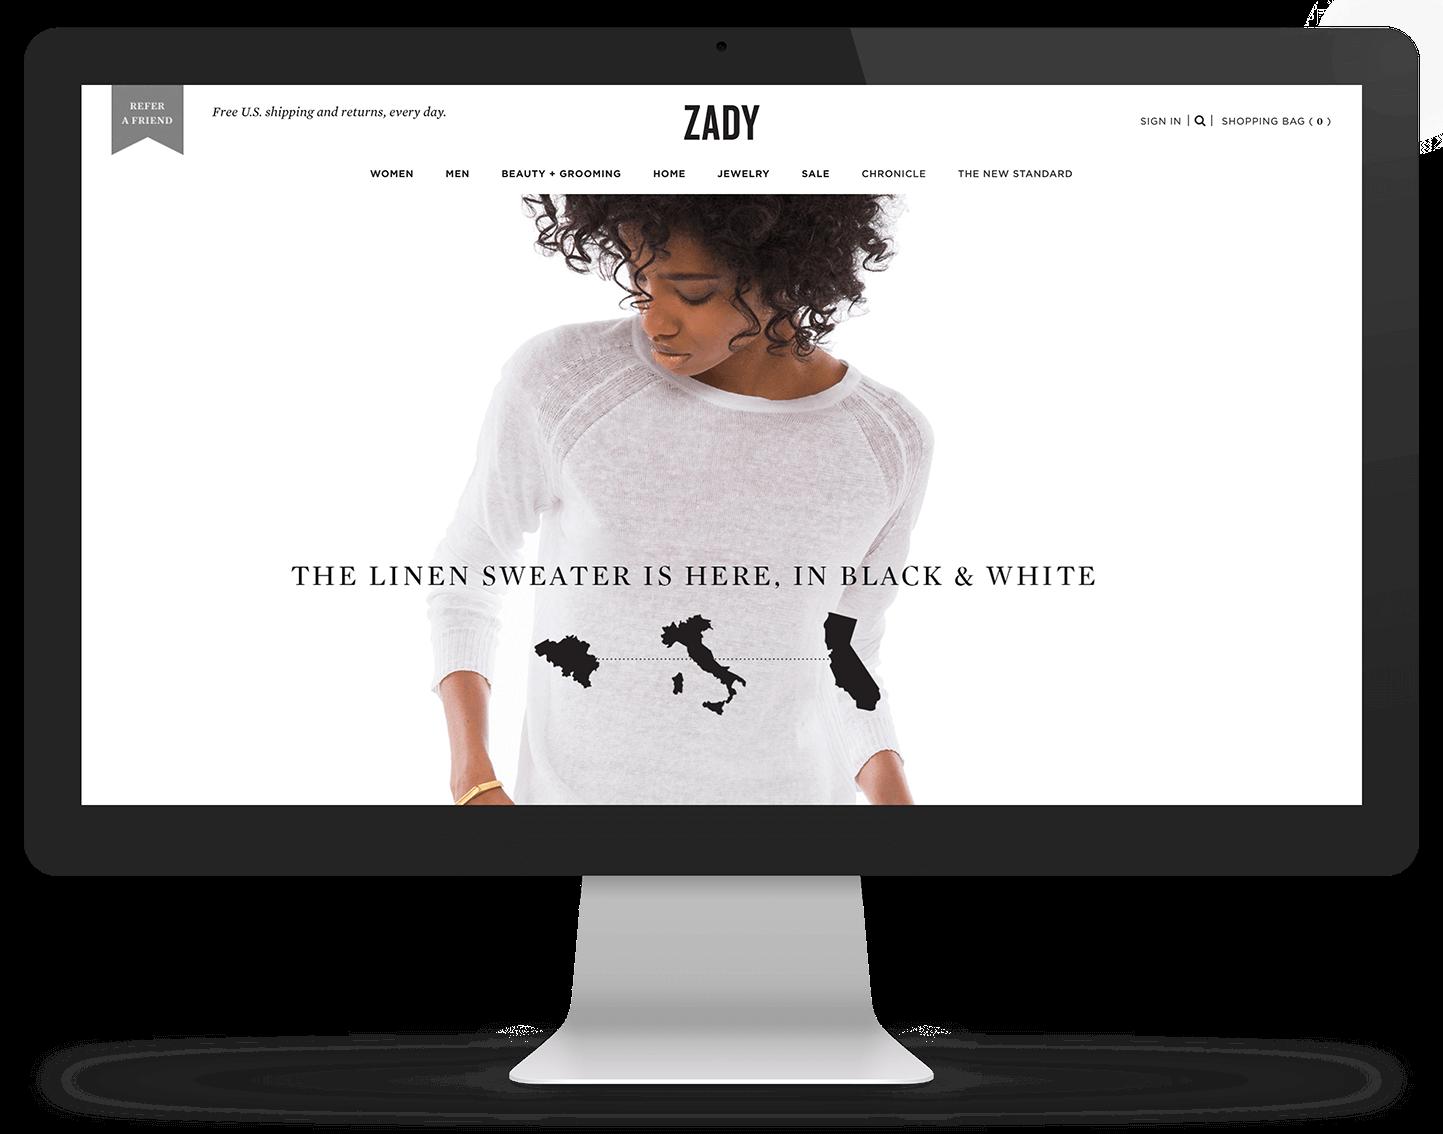 zady-monitor-b70816b0.png